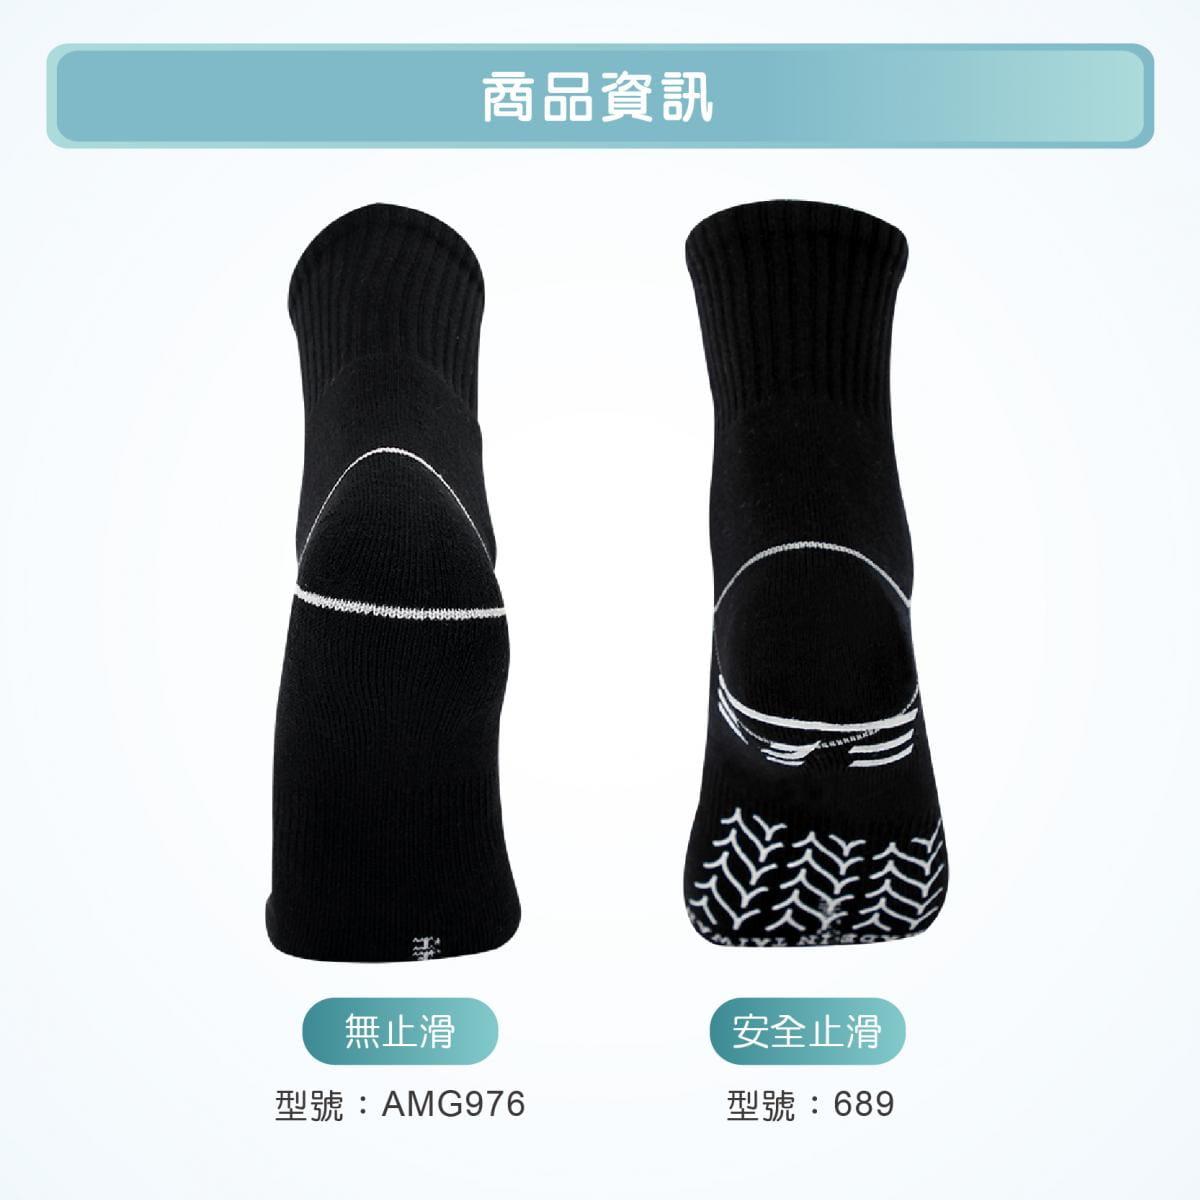 【FAV】防滑運動襪 3